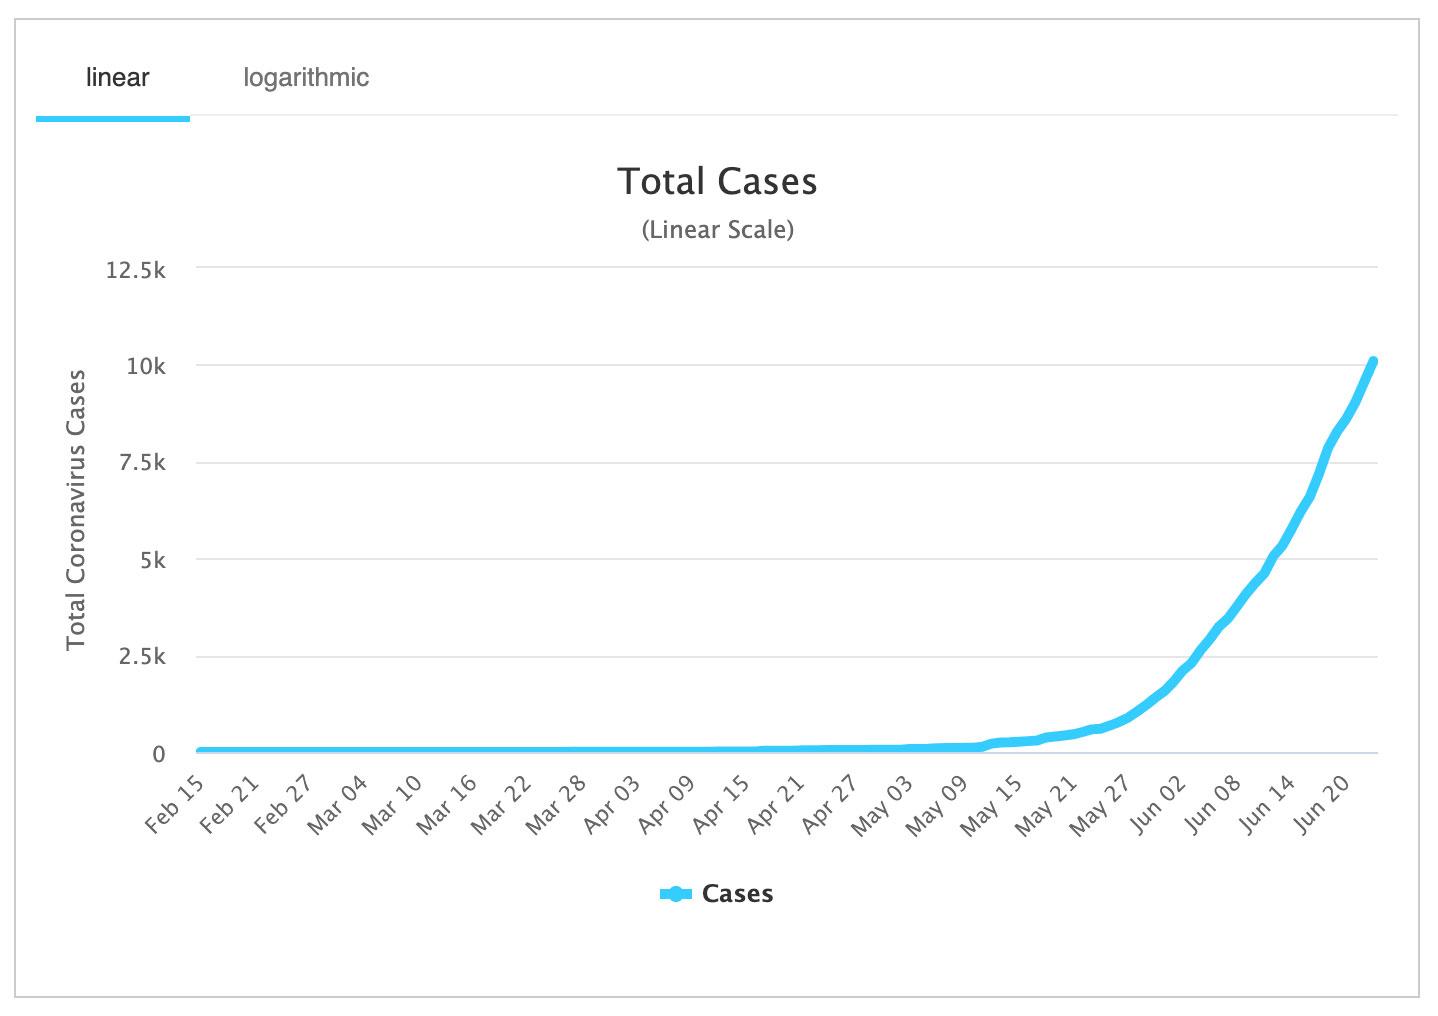 covid graph linear